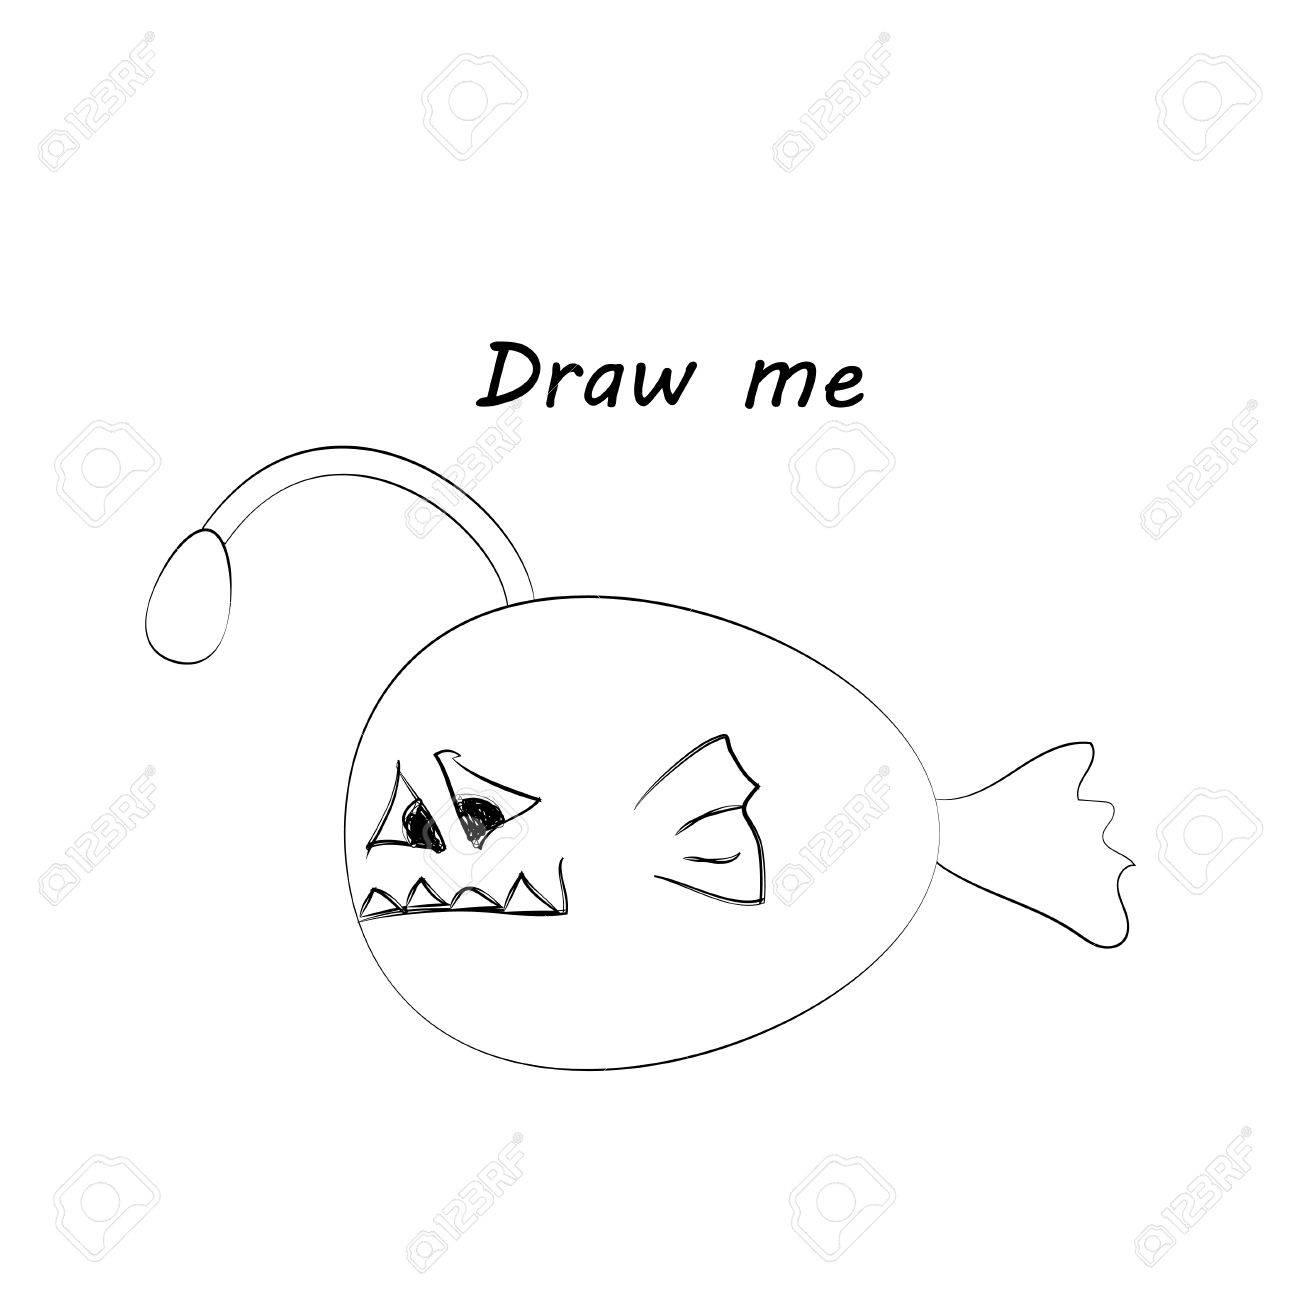 Zeichnen Sie Mich - Vektor-Illustration Von Meerestieren. Die Angler ...